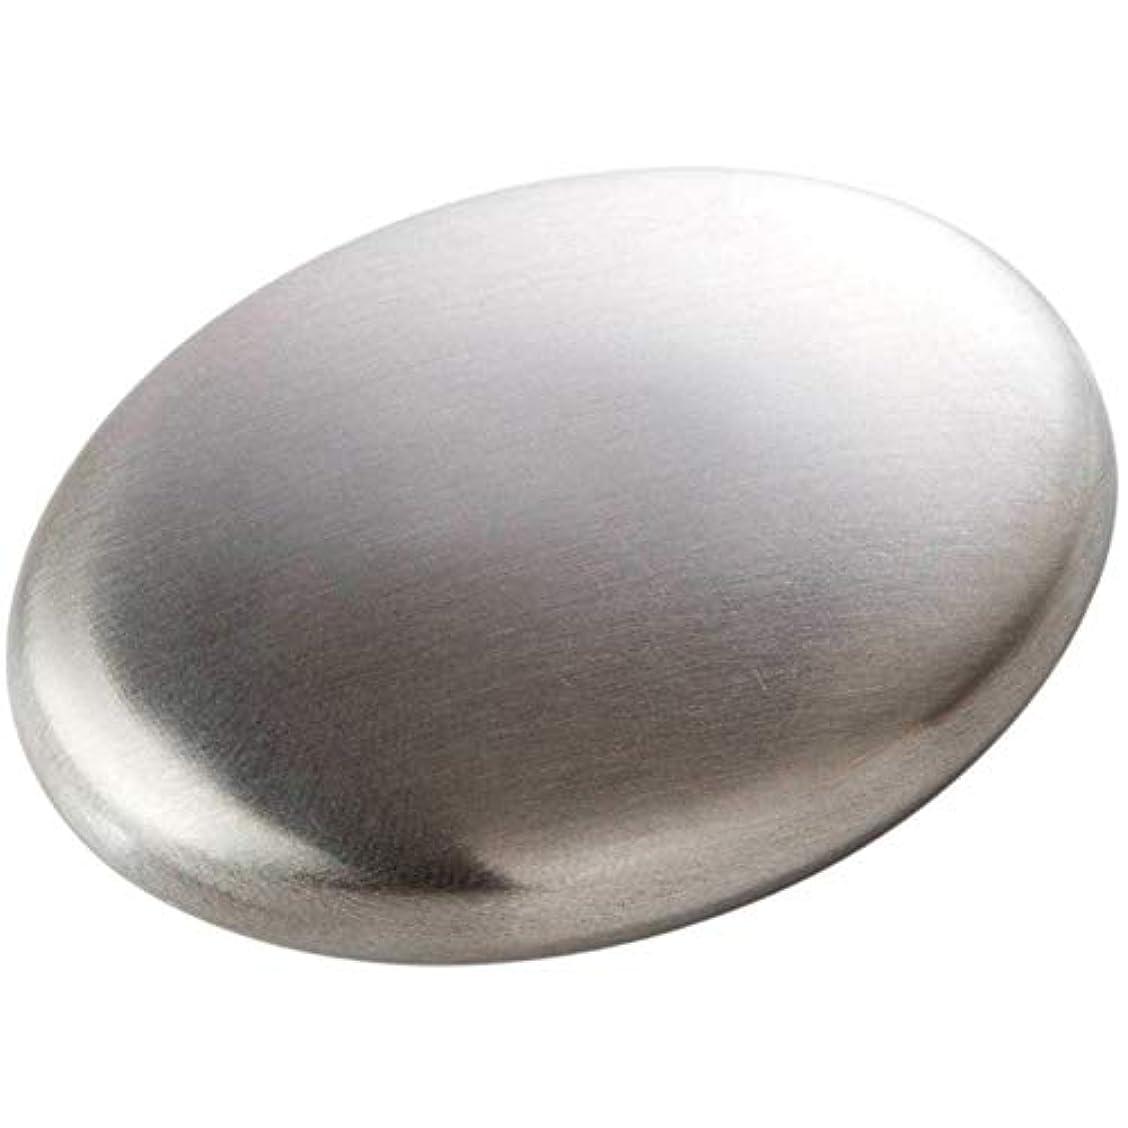 大邸宅絶えず緩むせっけん ステンレス鋼 消臭 石鹸 にんにくと魚のような臭いを取り除き ステンレス鋼 臭気除去剤 匂い除去剤 最新型 人気 実用的 Cutelove